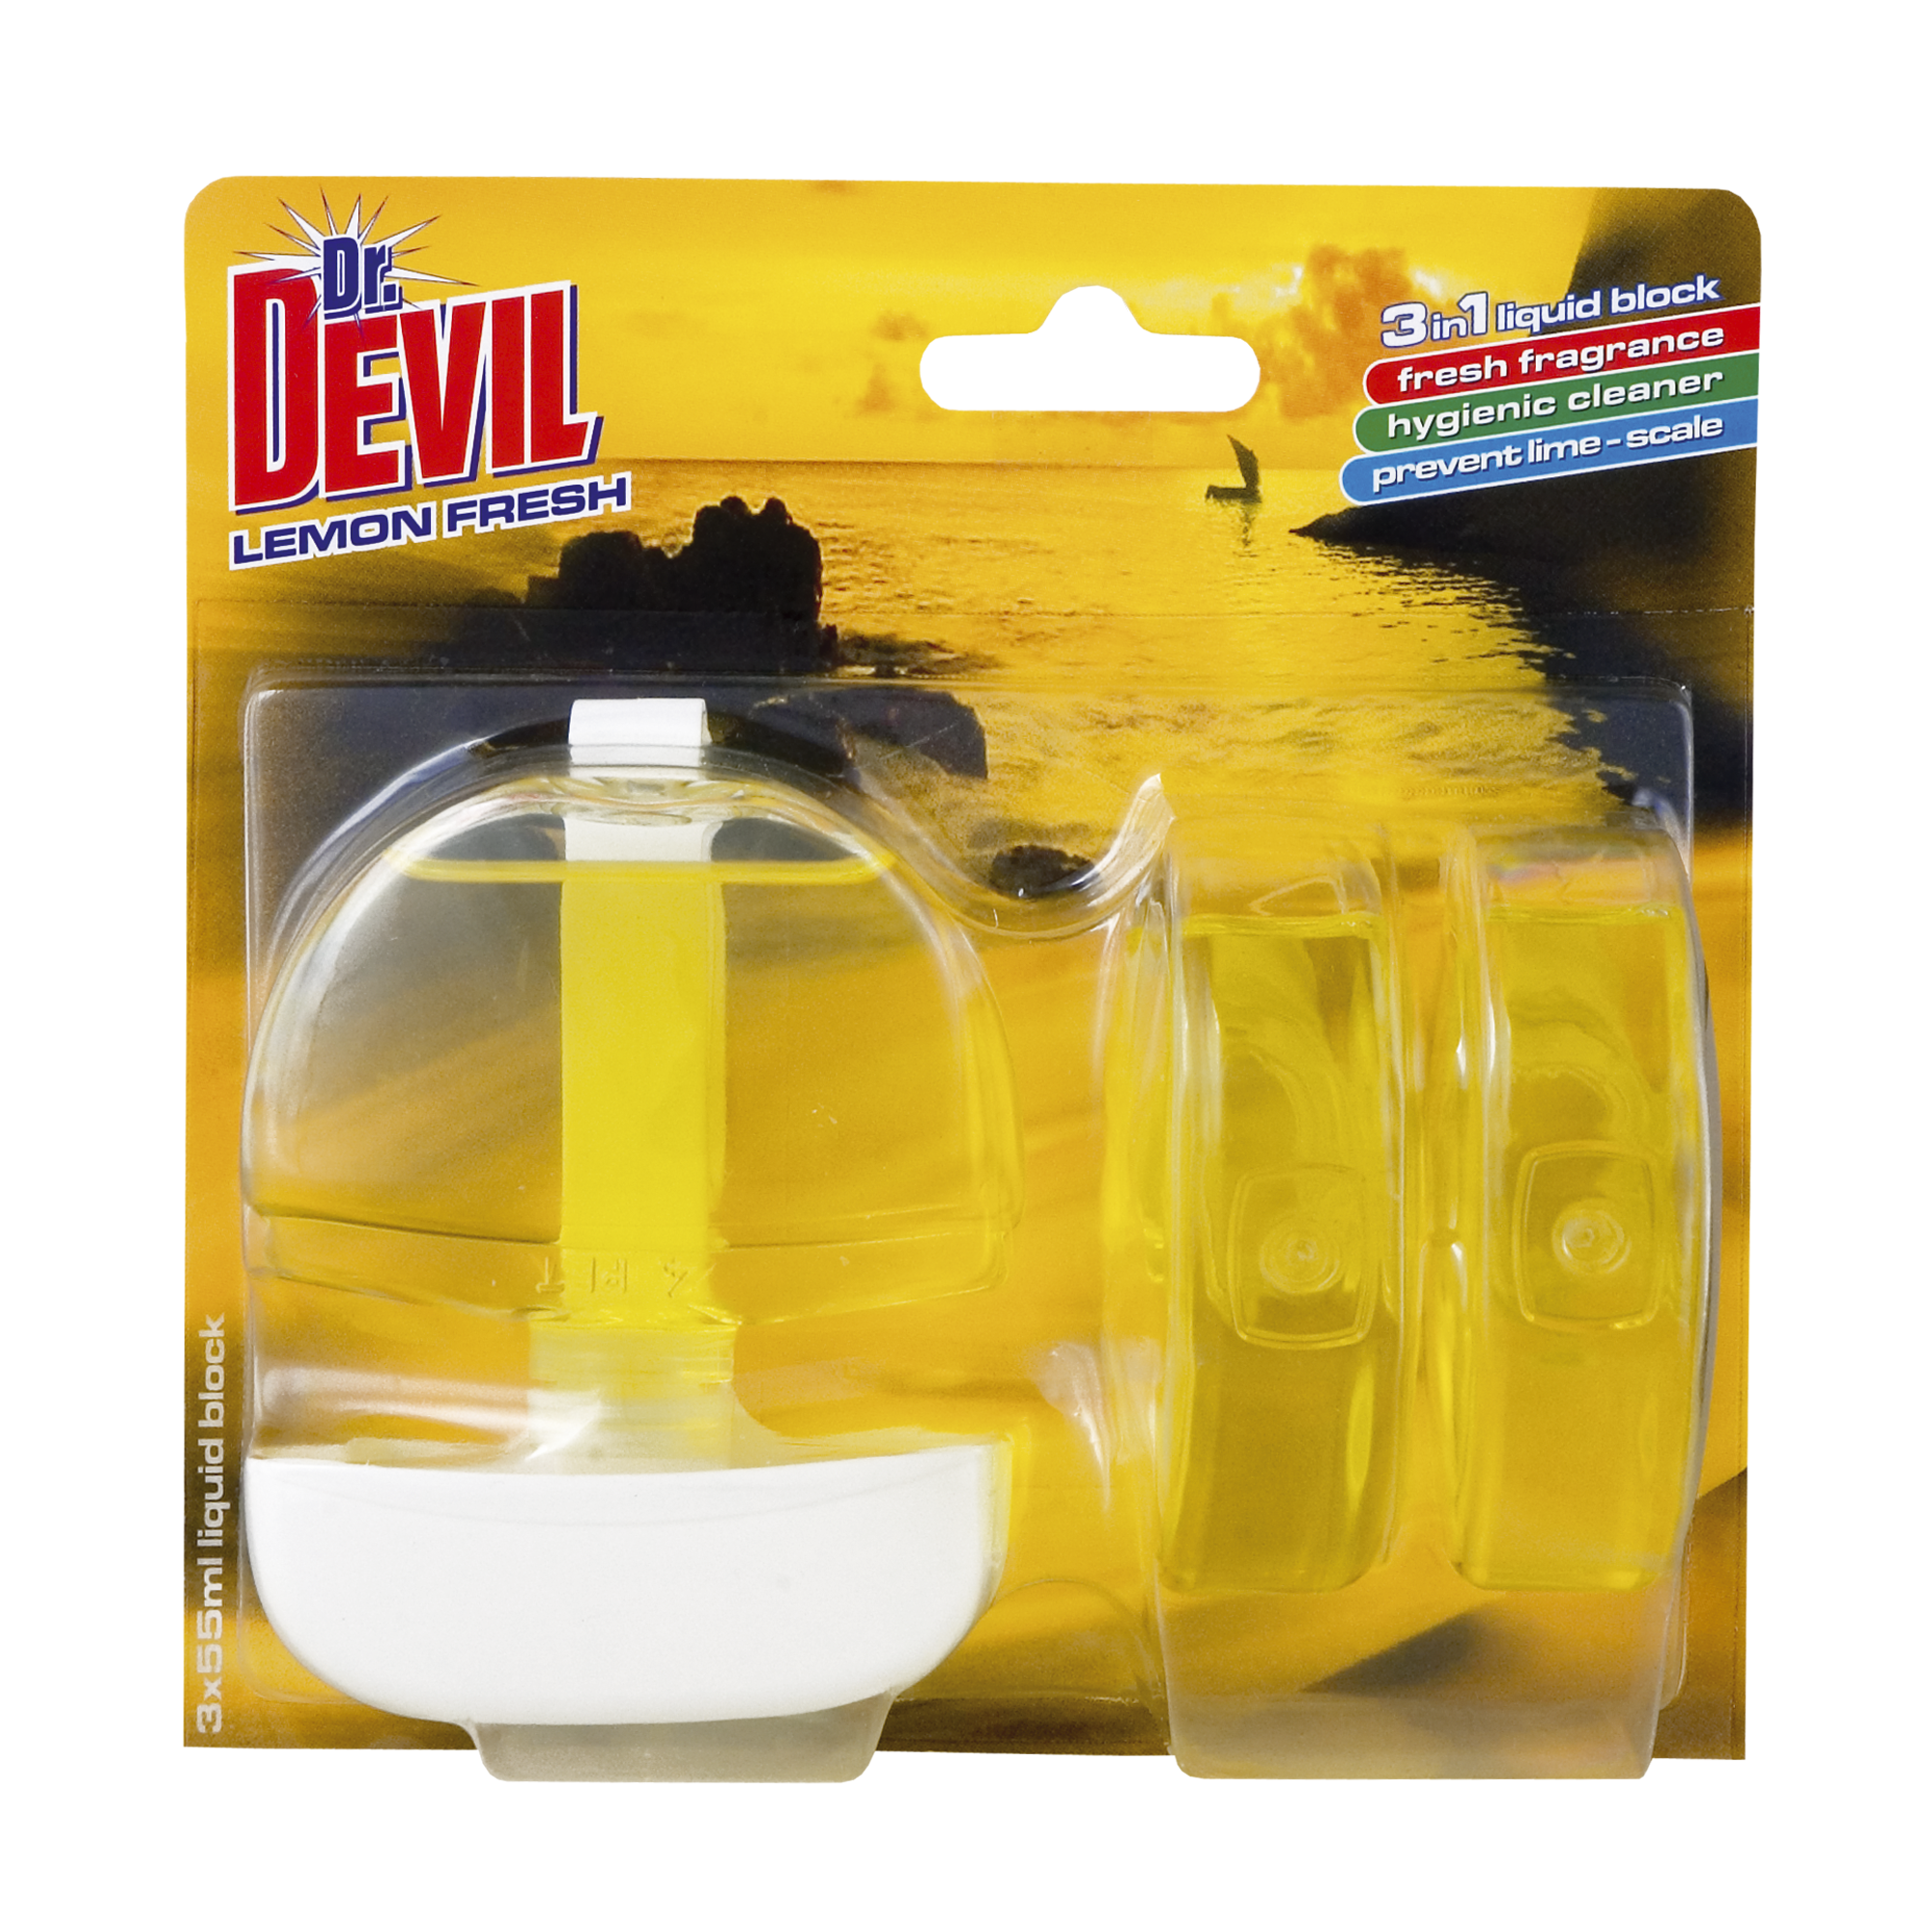 Flussiger Wc Spuler 3 In 1 Lemon Fresh